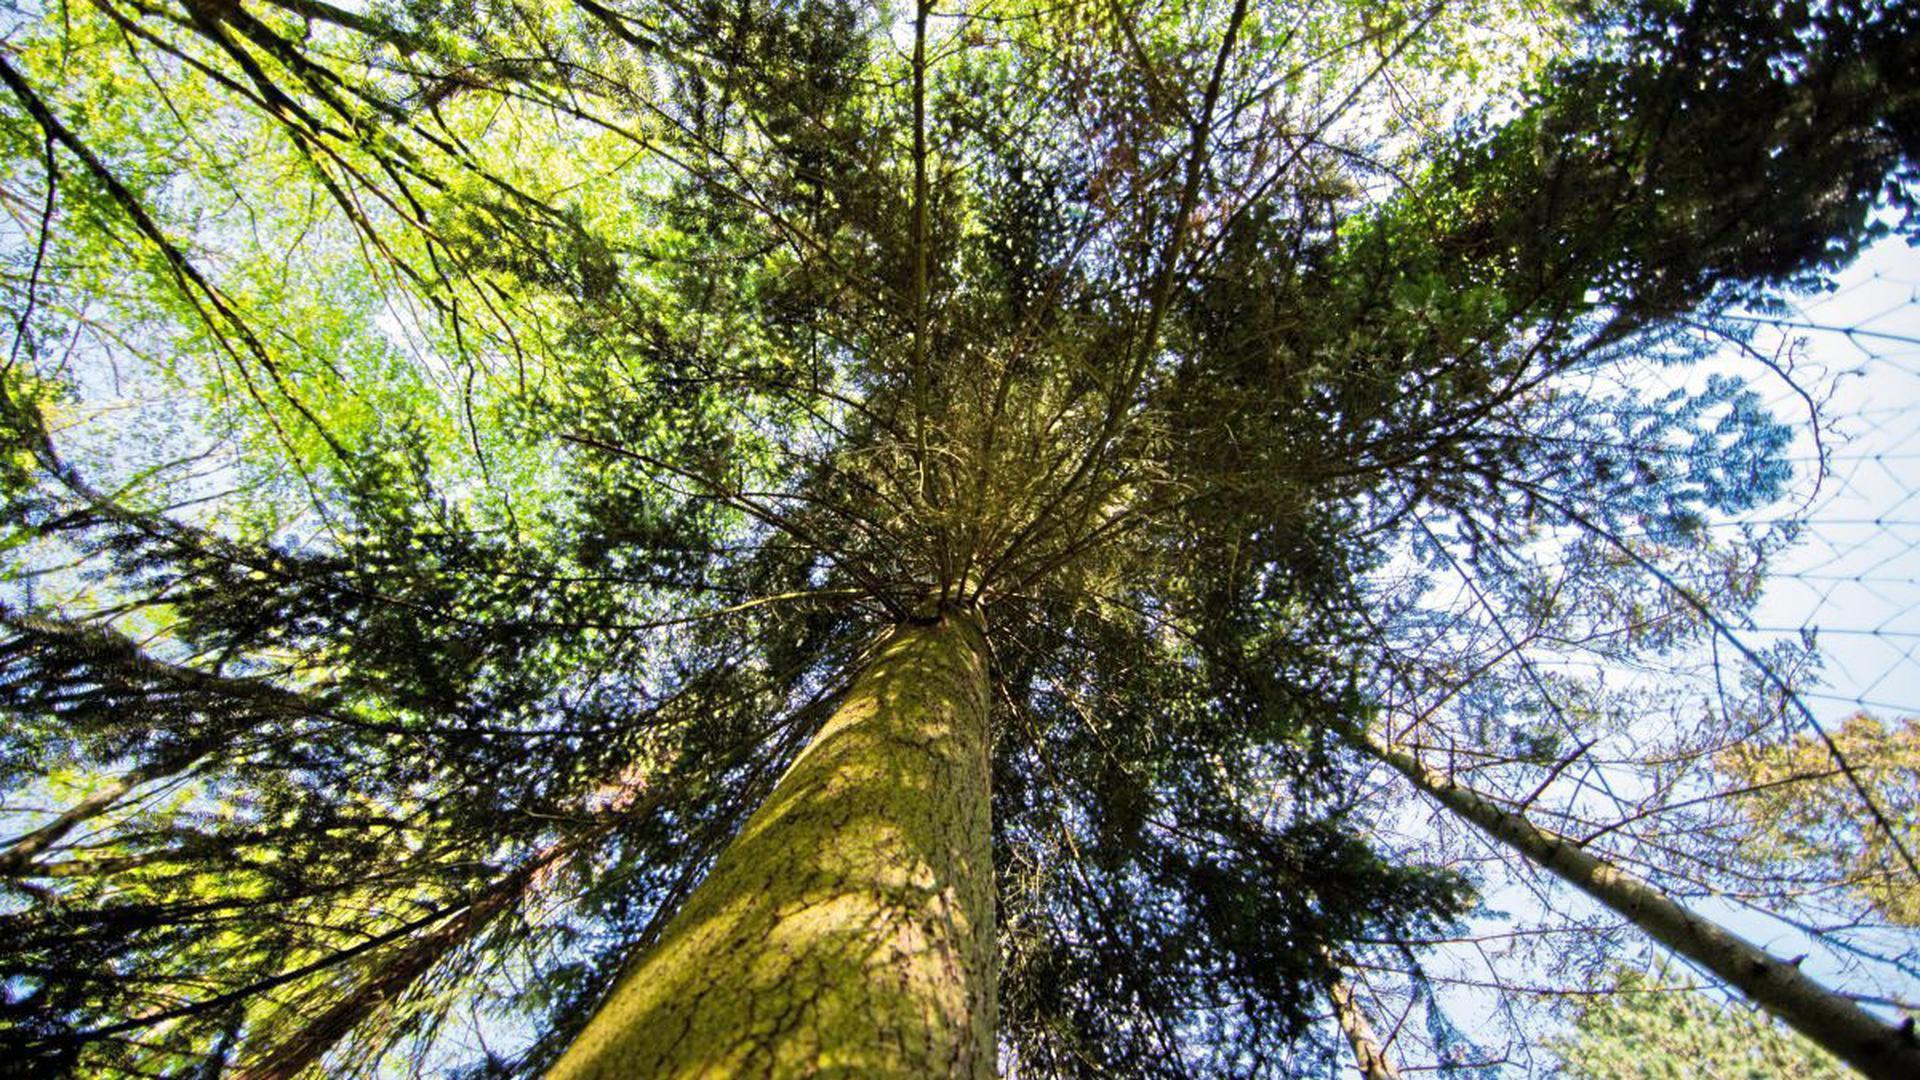 """Die Böden der Fichtenwälder bieten dem gesuchten Sonderling einen guten Lebensraum, denn sie sind zu sauer für seine viel bekannteren und äußerst zahlreich verbreiteten """"gewöhnlichen"""" Verwandten."""